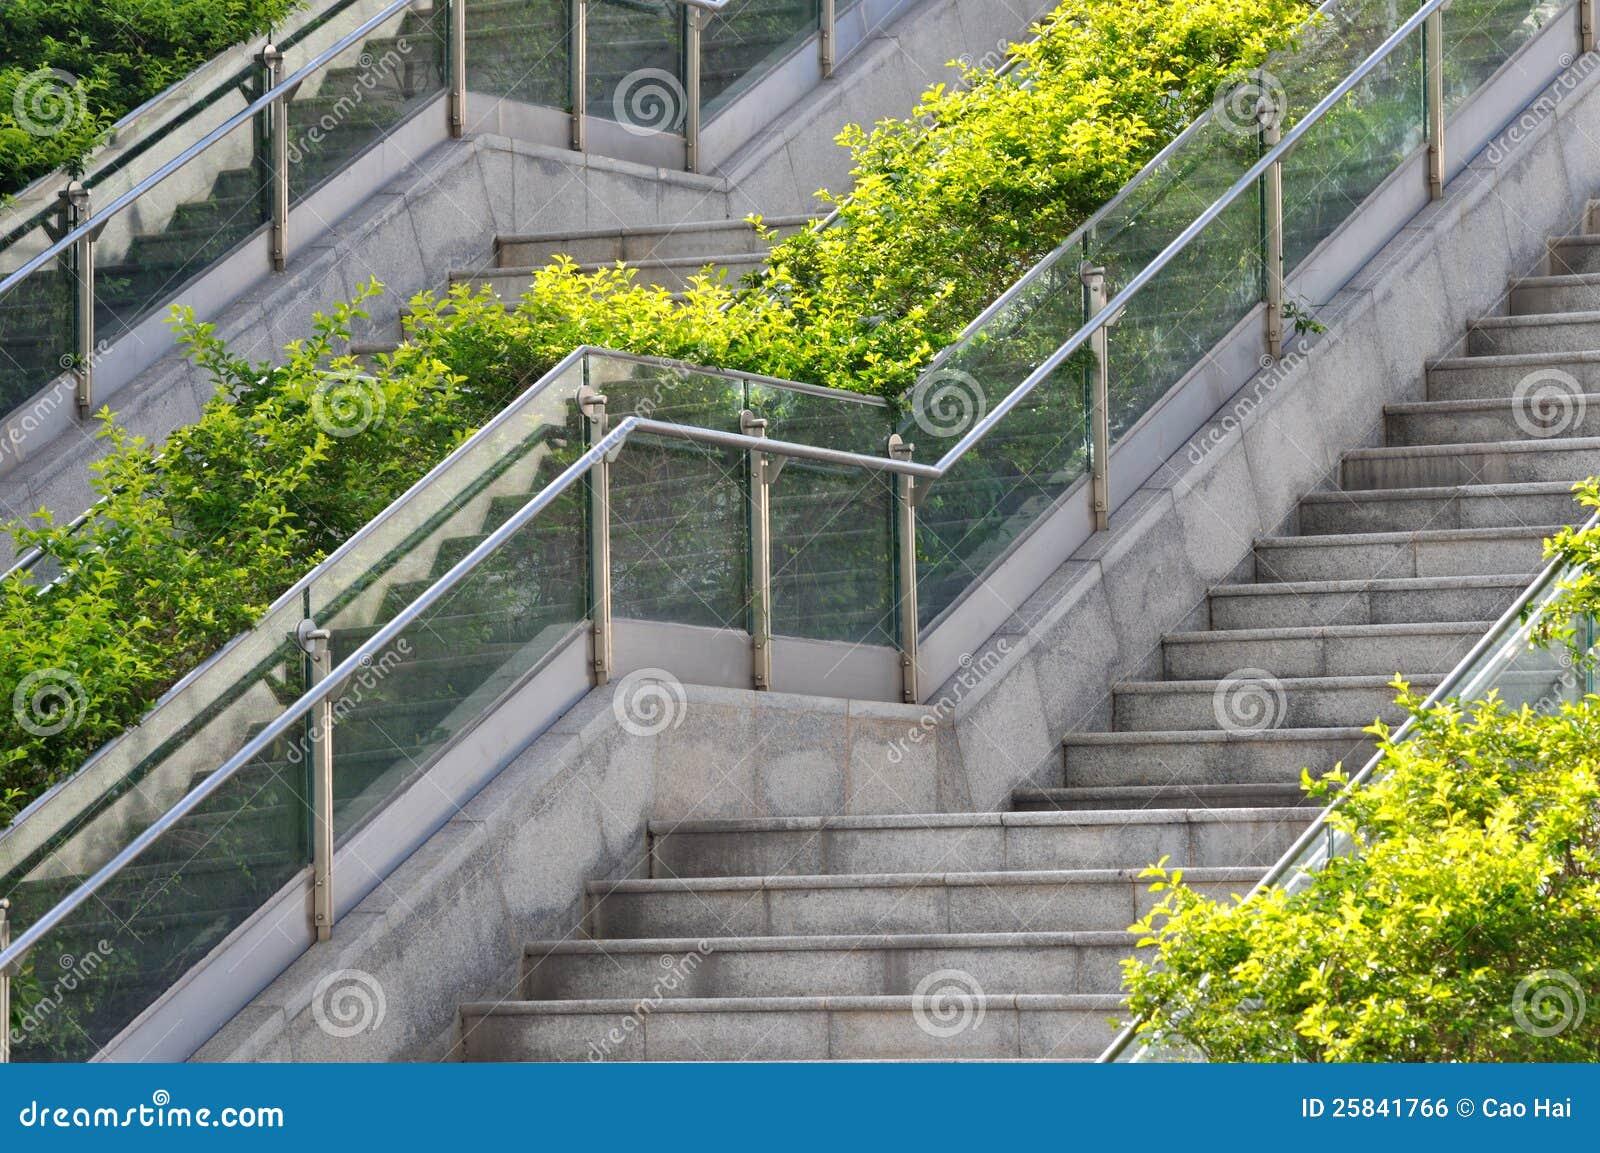 Escalera al aire libre en modelo imagen de archivo libre - Escaleras al aire ...